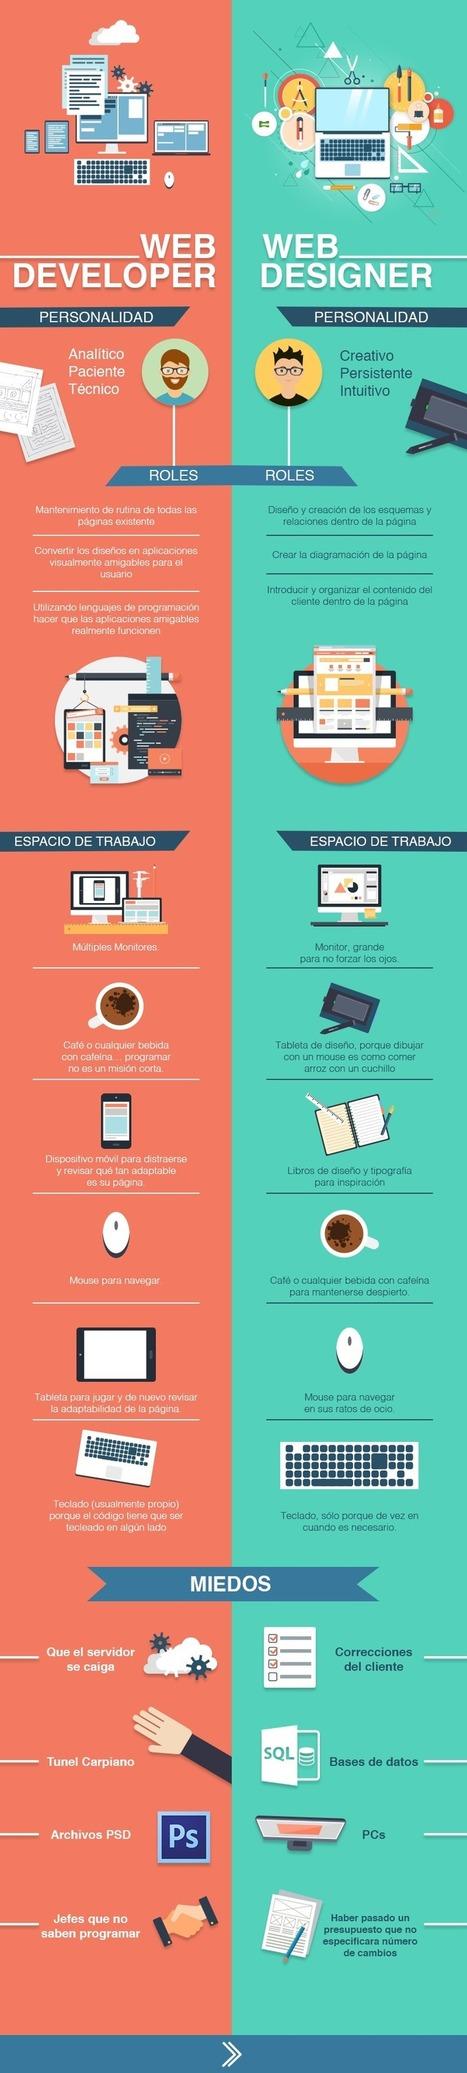 Diferencias entre un desarrollador y un diseñador web #infografia #infographic #design | Educación con tecnología | Scoop.it